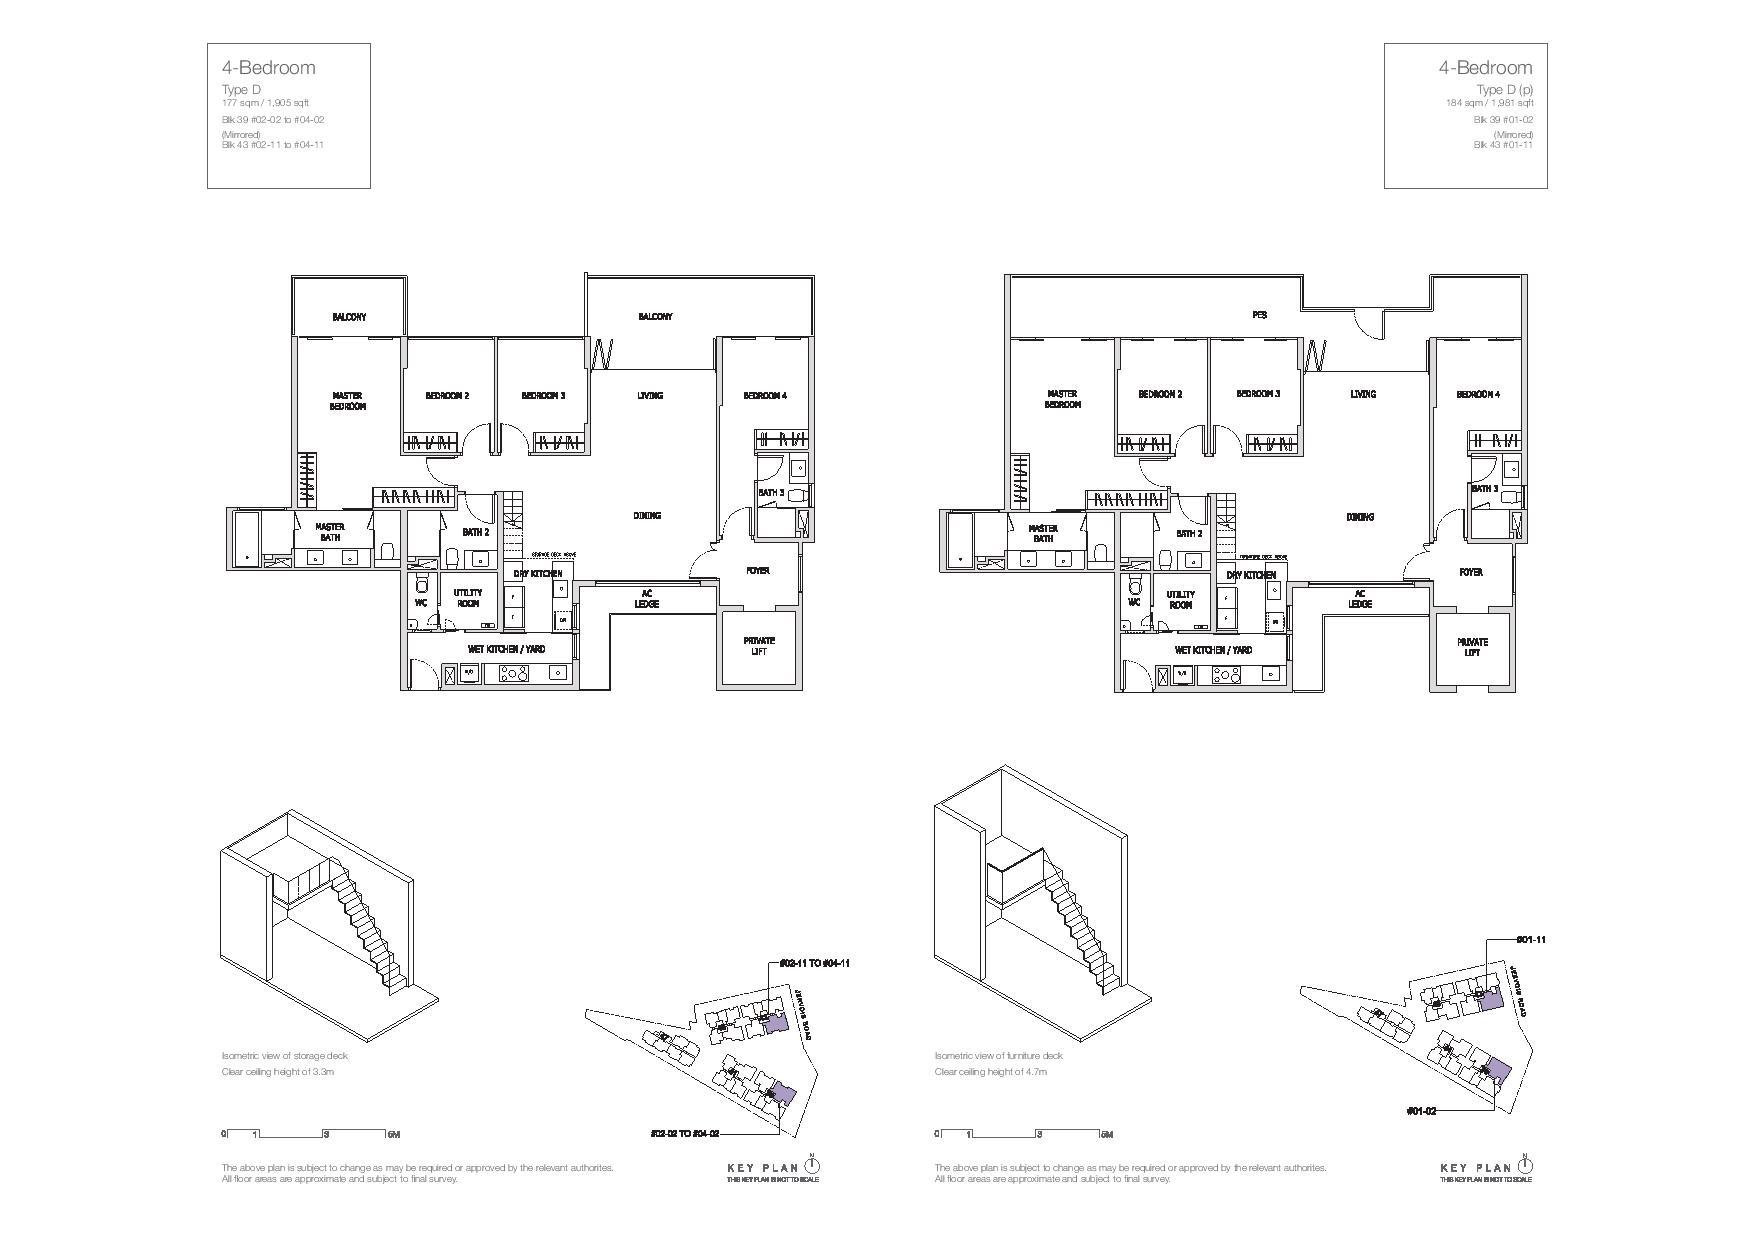 Mon Jervois 4 Bedroom Floor Plans Type D, D(p)